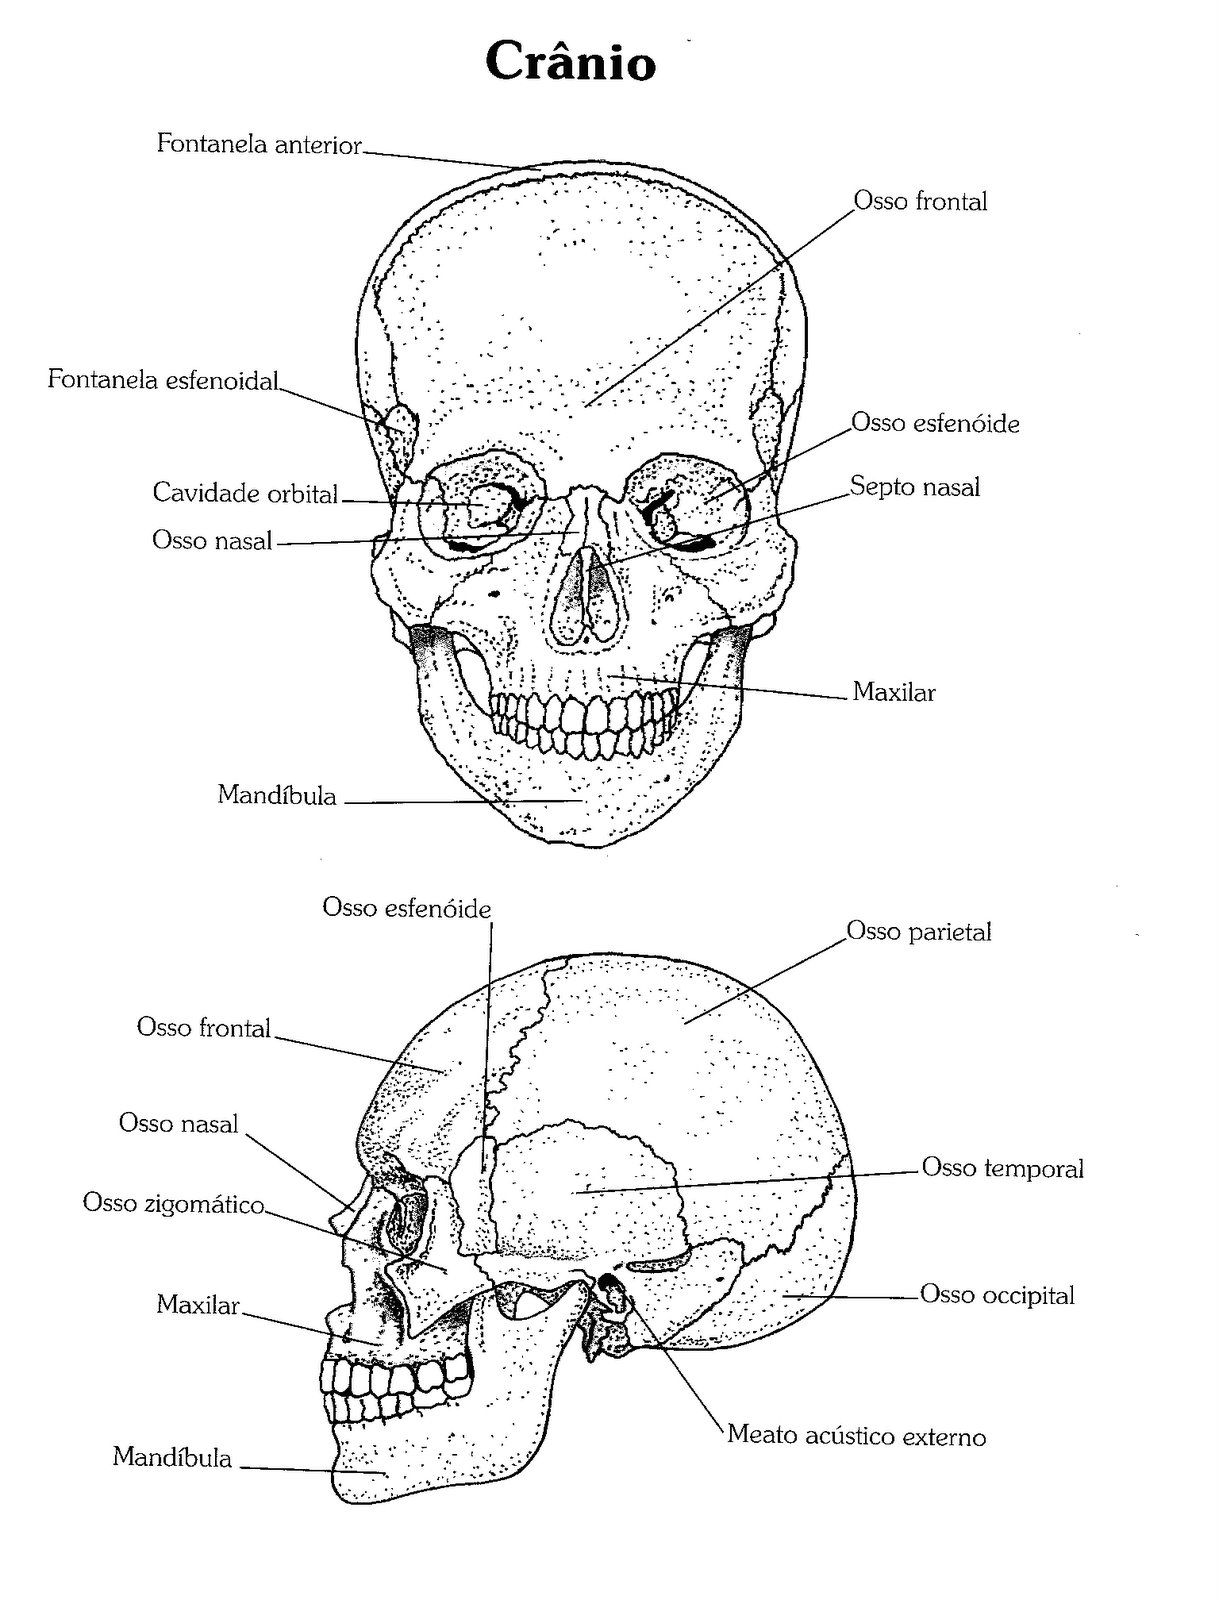 Colorindo O Cranio Para Ficar Melhor A Visualizacao E Memorizacao